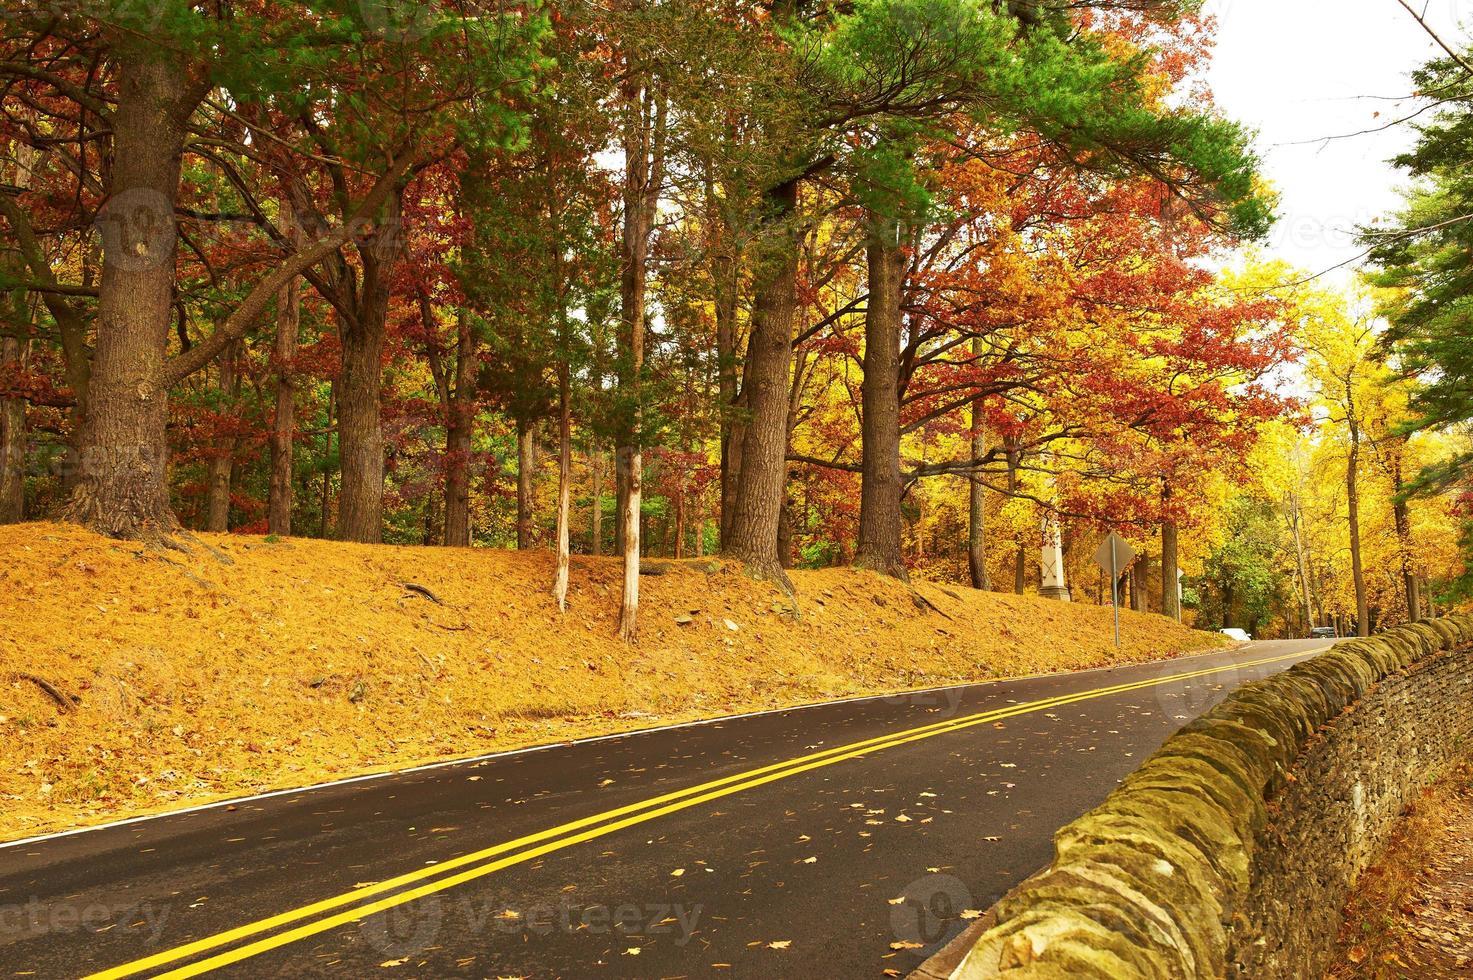 höstplats med väg i skogen foto